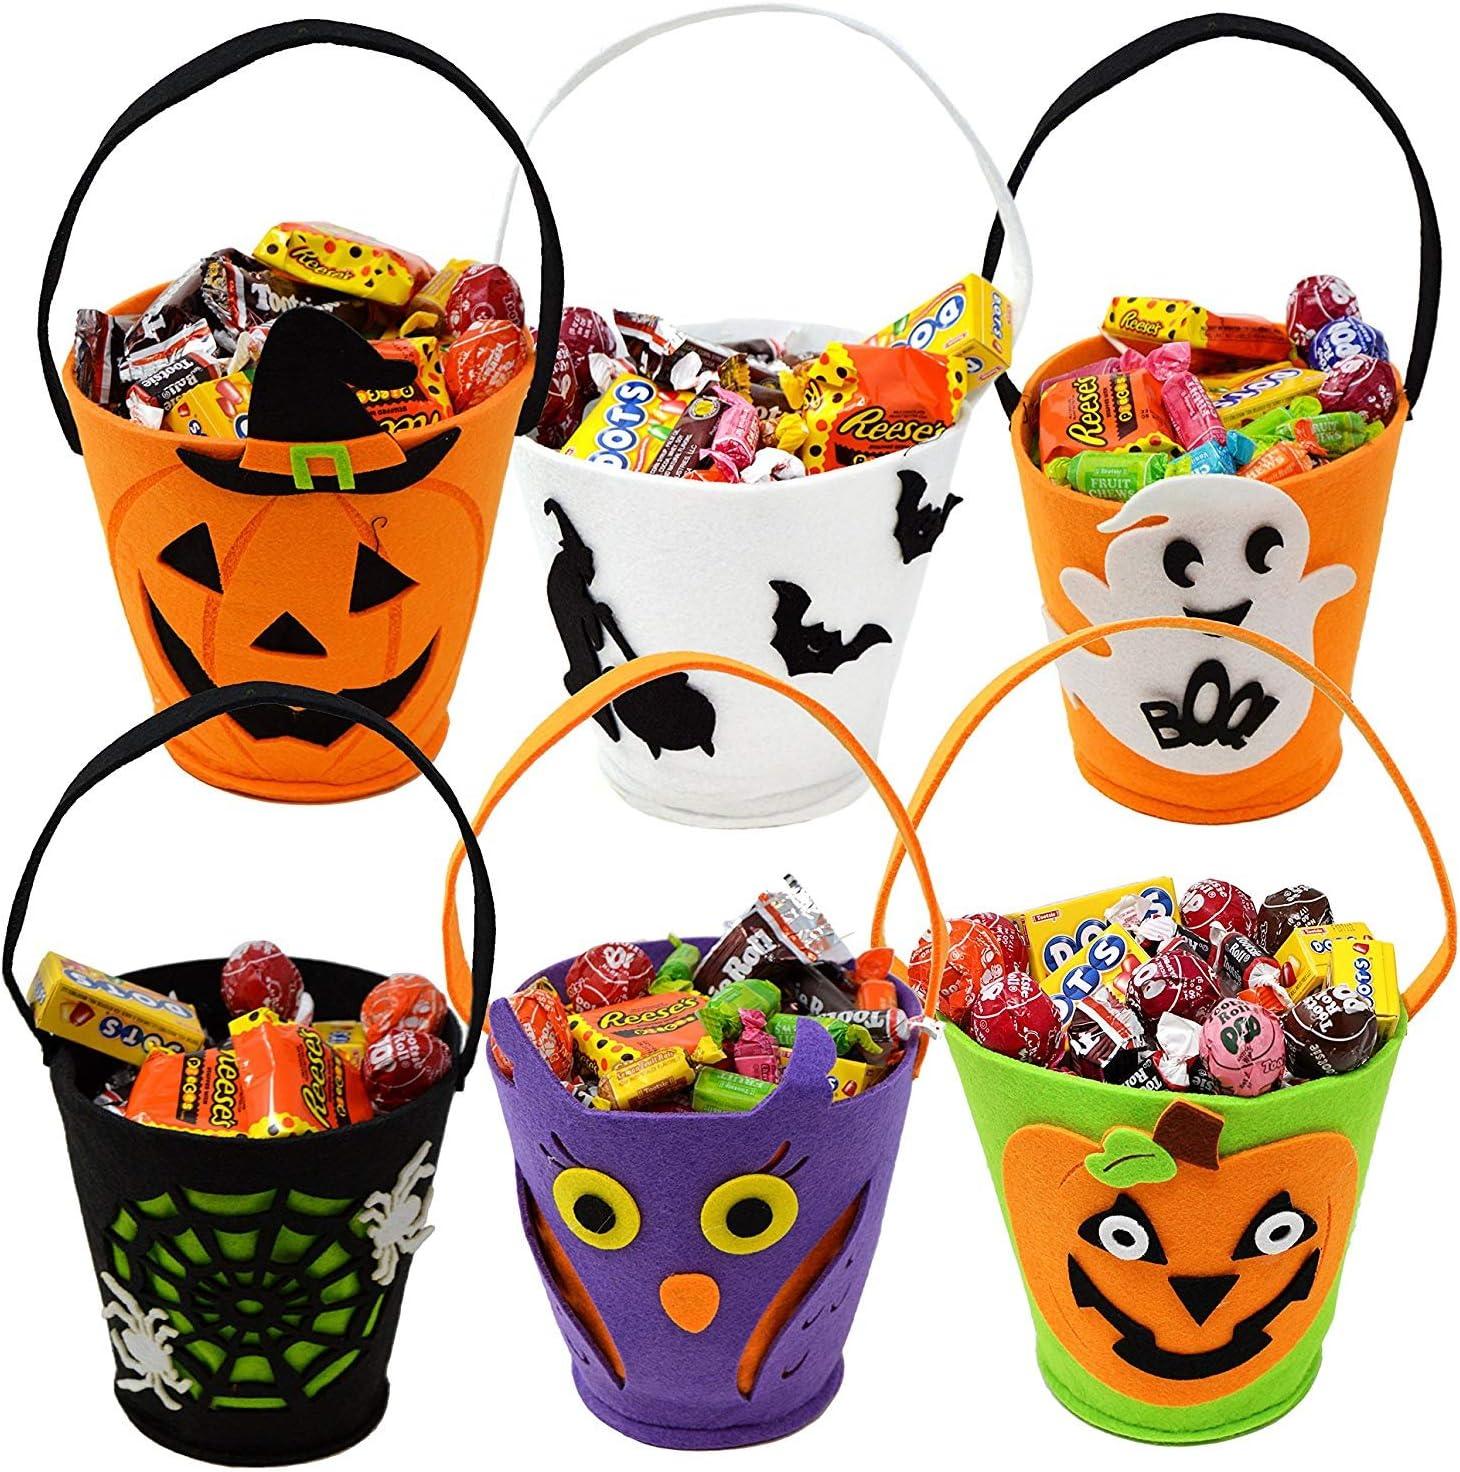 bonbon Goodie et citrouille Sac /à main pour Halloween f/ête de No/ël cadeau de f/ête 6 pi/èces cadeau en feutrine comme sur limage EASYBUY Lot de 6 sacs fourre-tout r/éutilisables pour Halloween